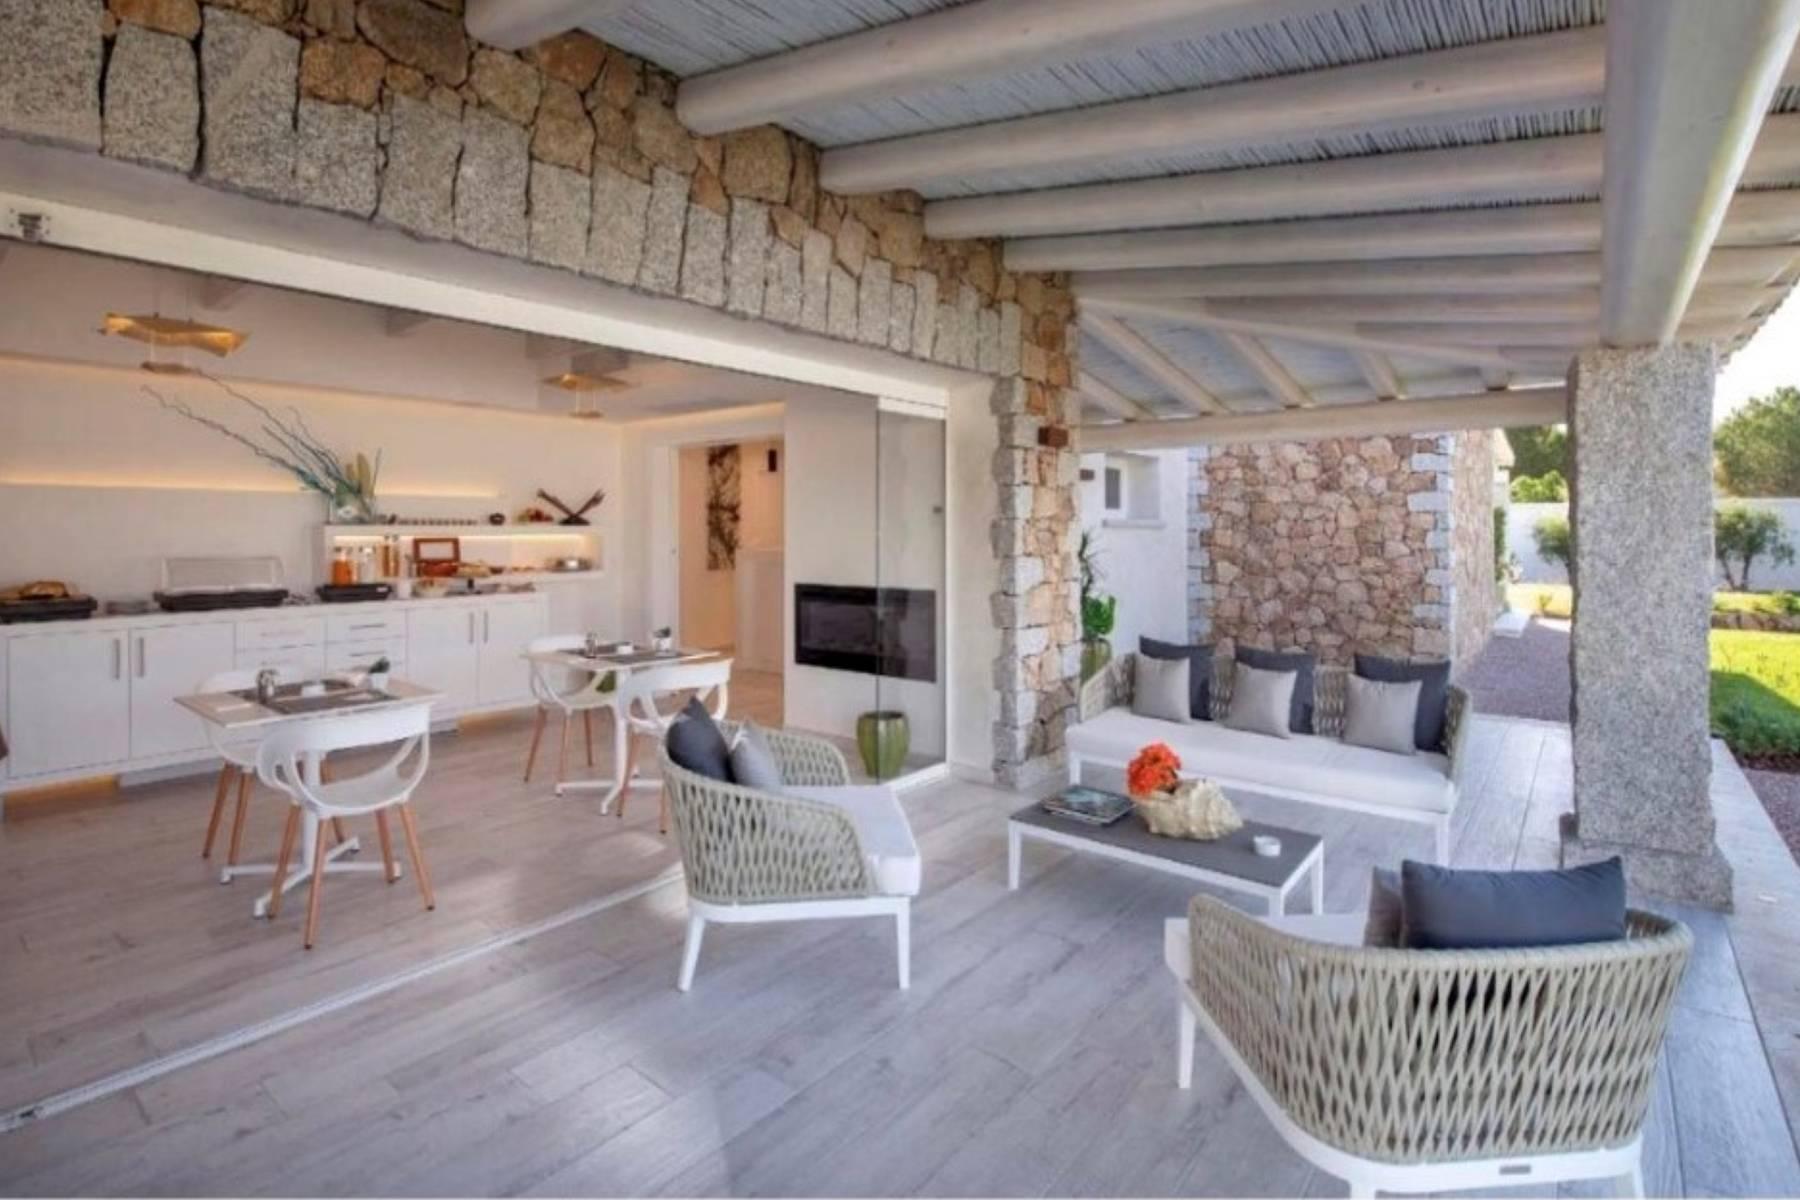 Villa indipendente vicino al mare e al suggestivo sito archeologico di Nora. - 4